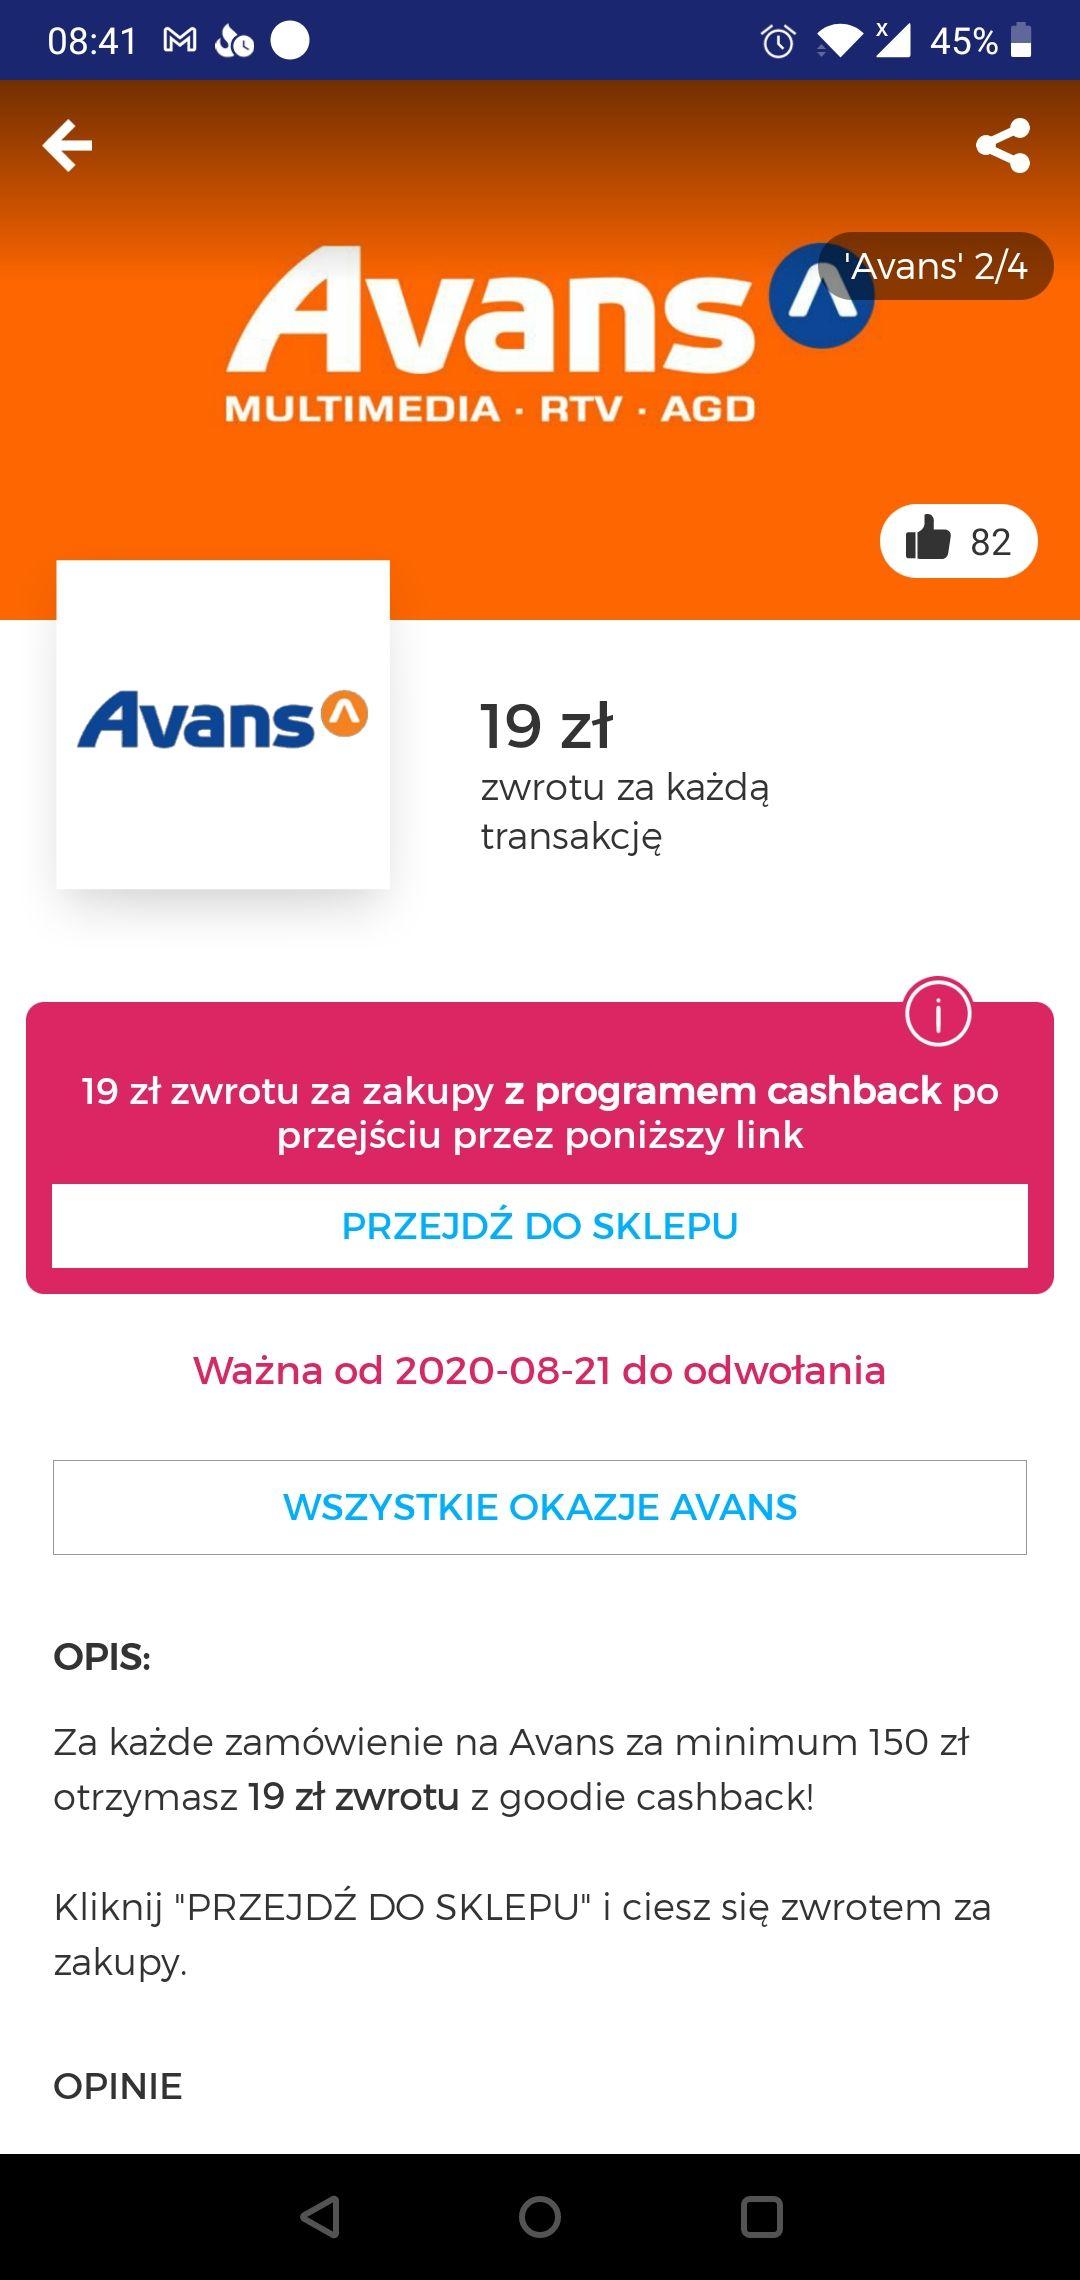 19 zł zwrotu z Goodie na Avans MWZ 150 zł dla wszystkich